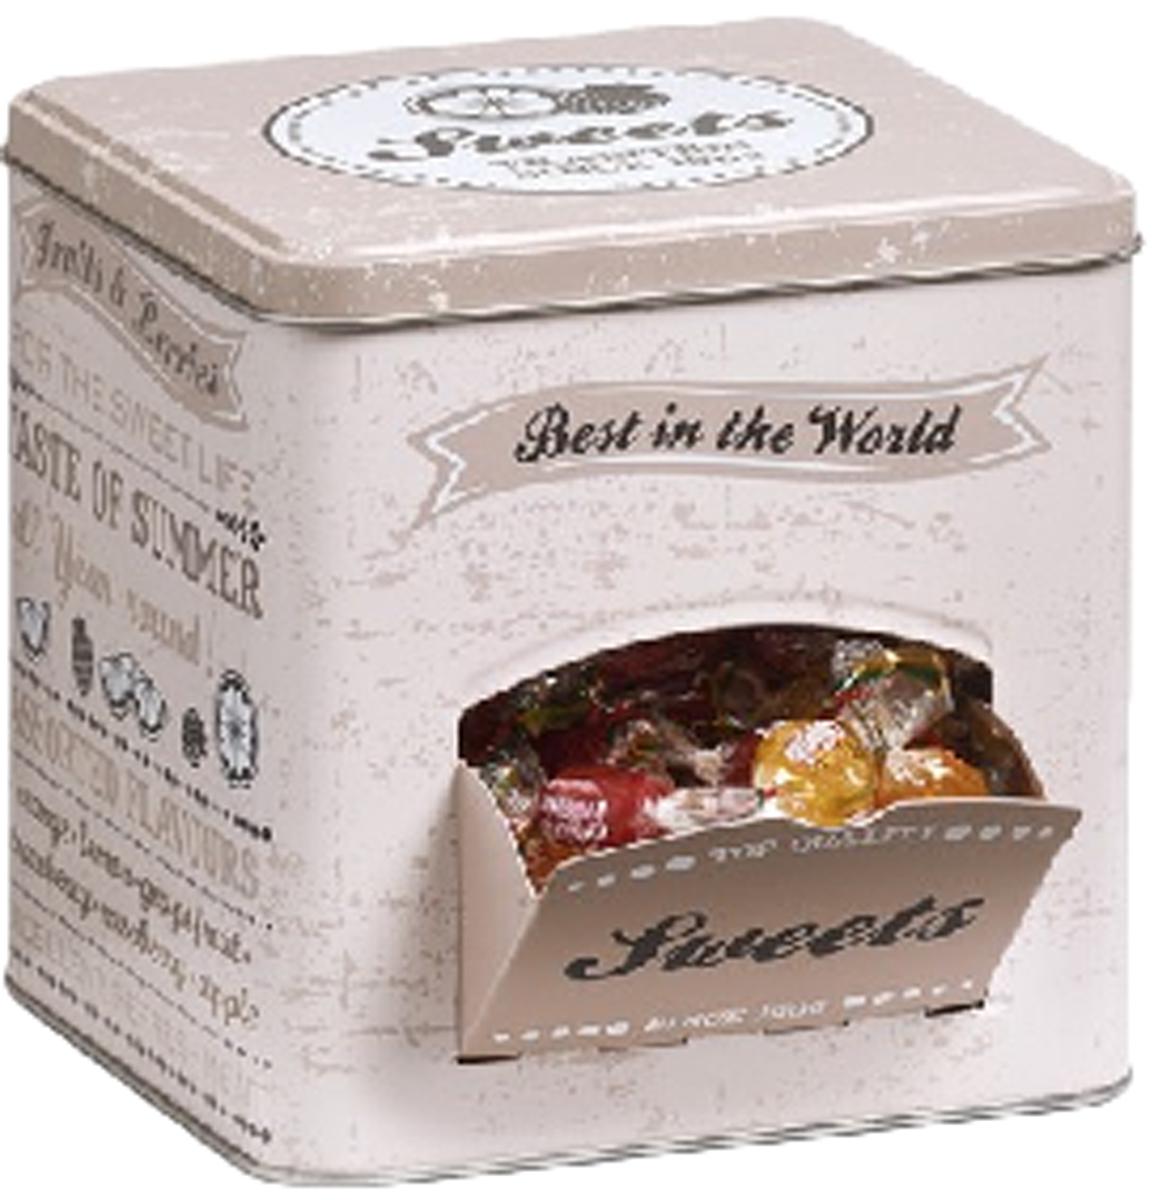 Коробка для чайных пакетиков Zeller, цвет: бежевый, 15 х 15 х 15,2 см19161Коробка для чая Zeller изготовленная из высококачественного металла и оформленная оригинальным рисунком станет незаменимым помощником на кухне. Емкость легко закрывается крышкой. Оригинальный дизайн позволит сделать такую емкость отличным подарком на любой праздник.